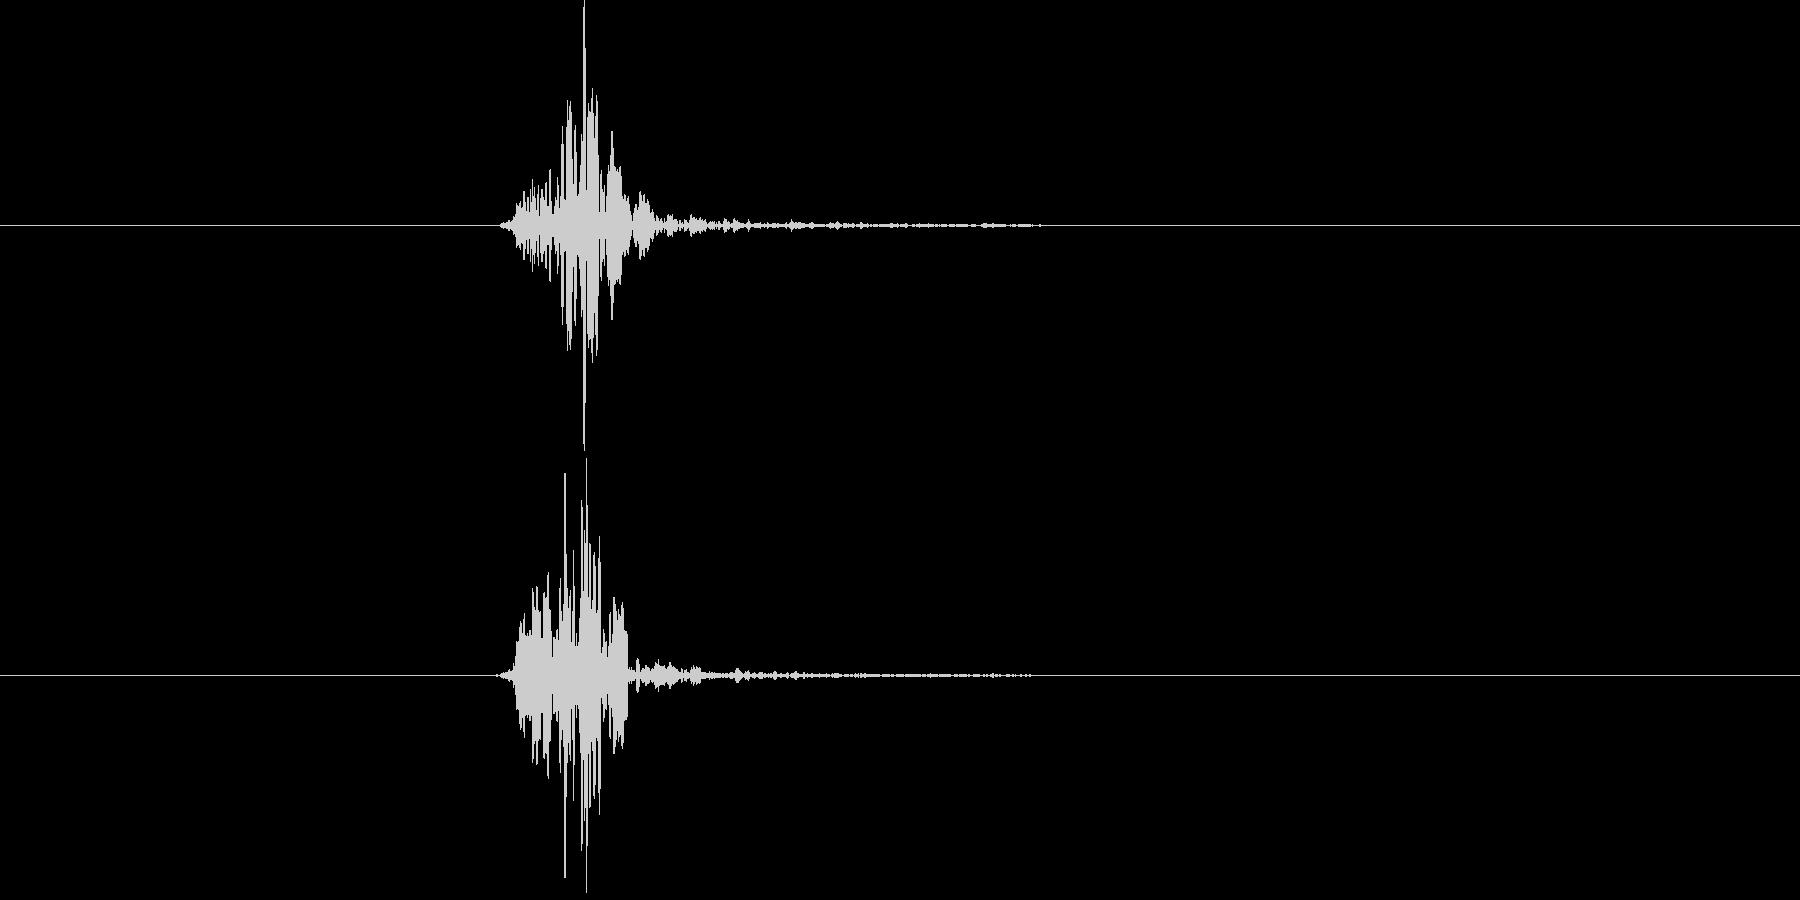 空振り、風切り音4の未再生の波形